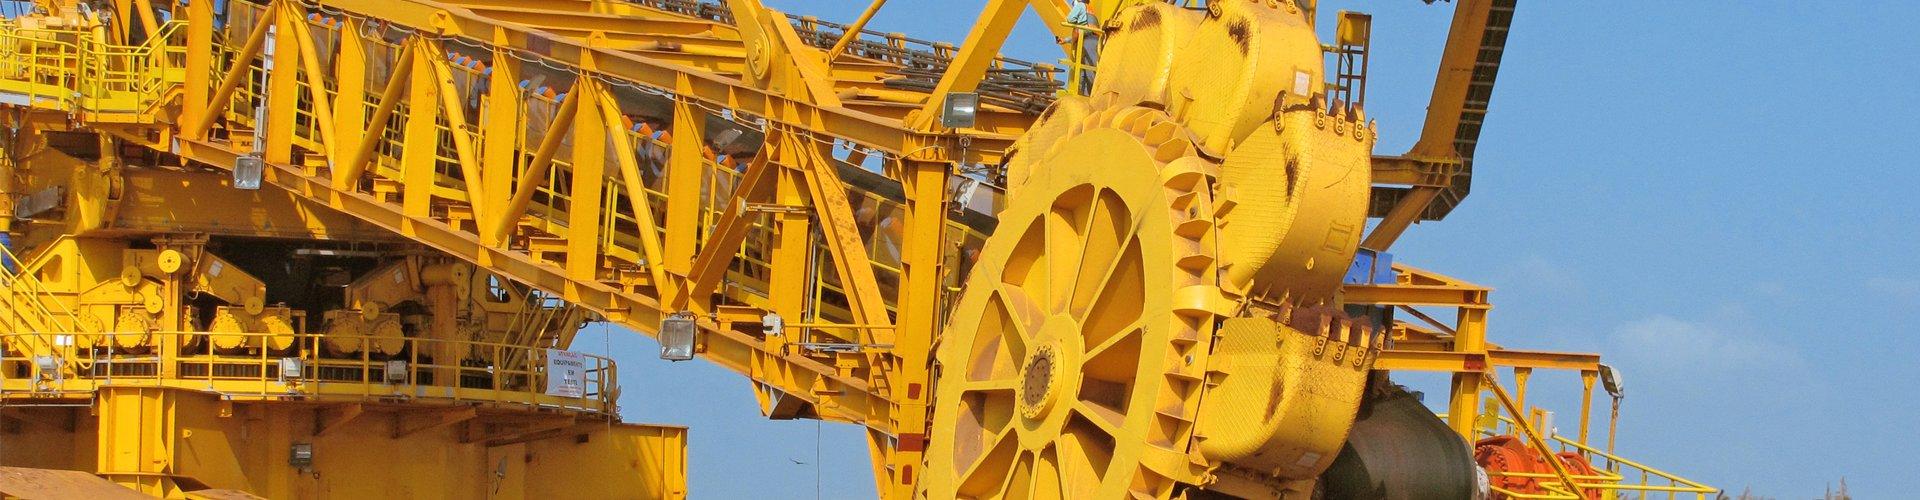 CL Mining